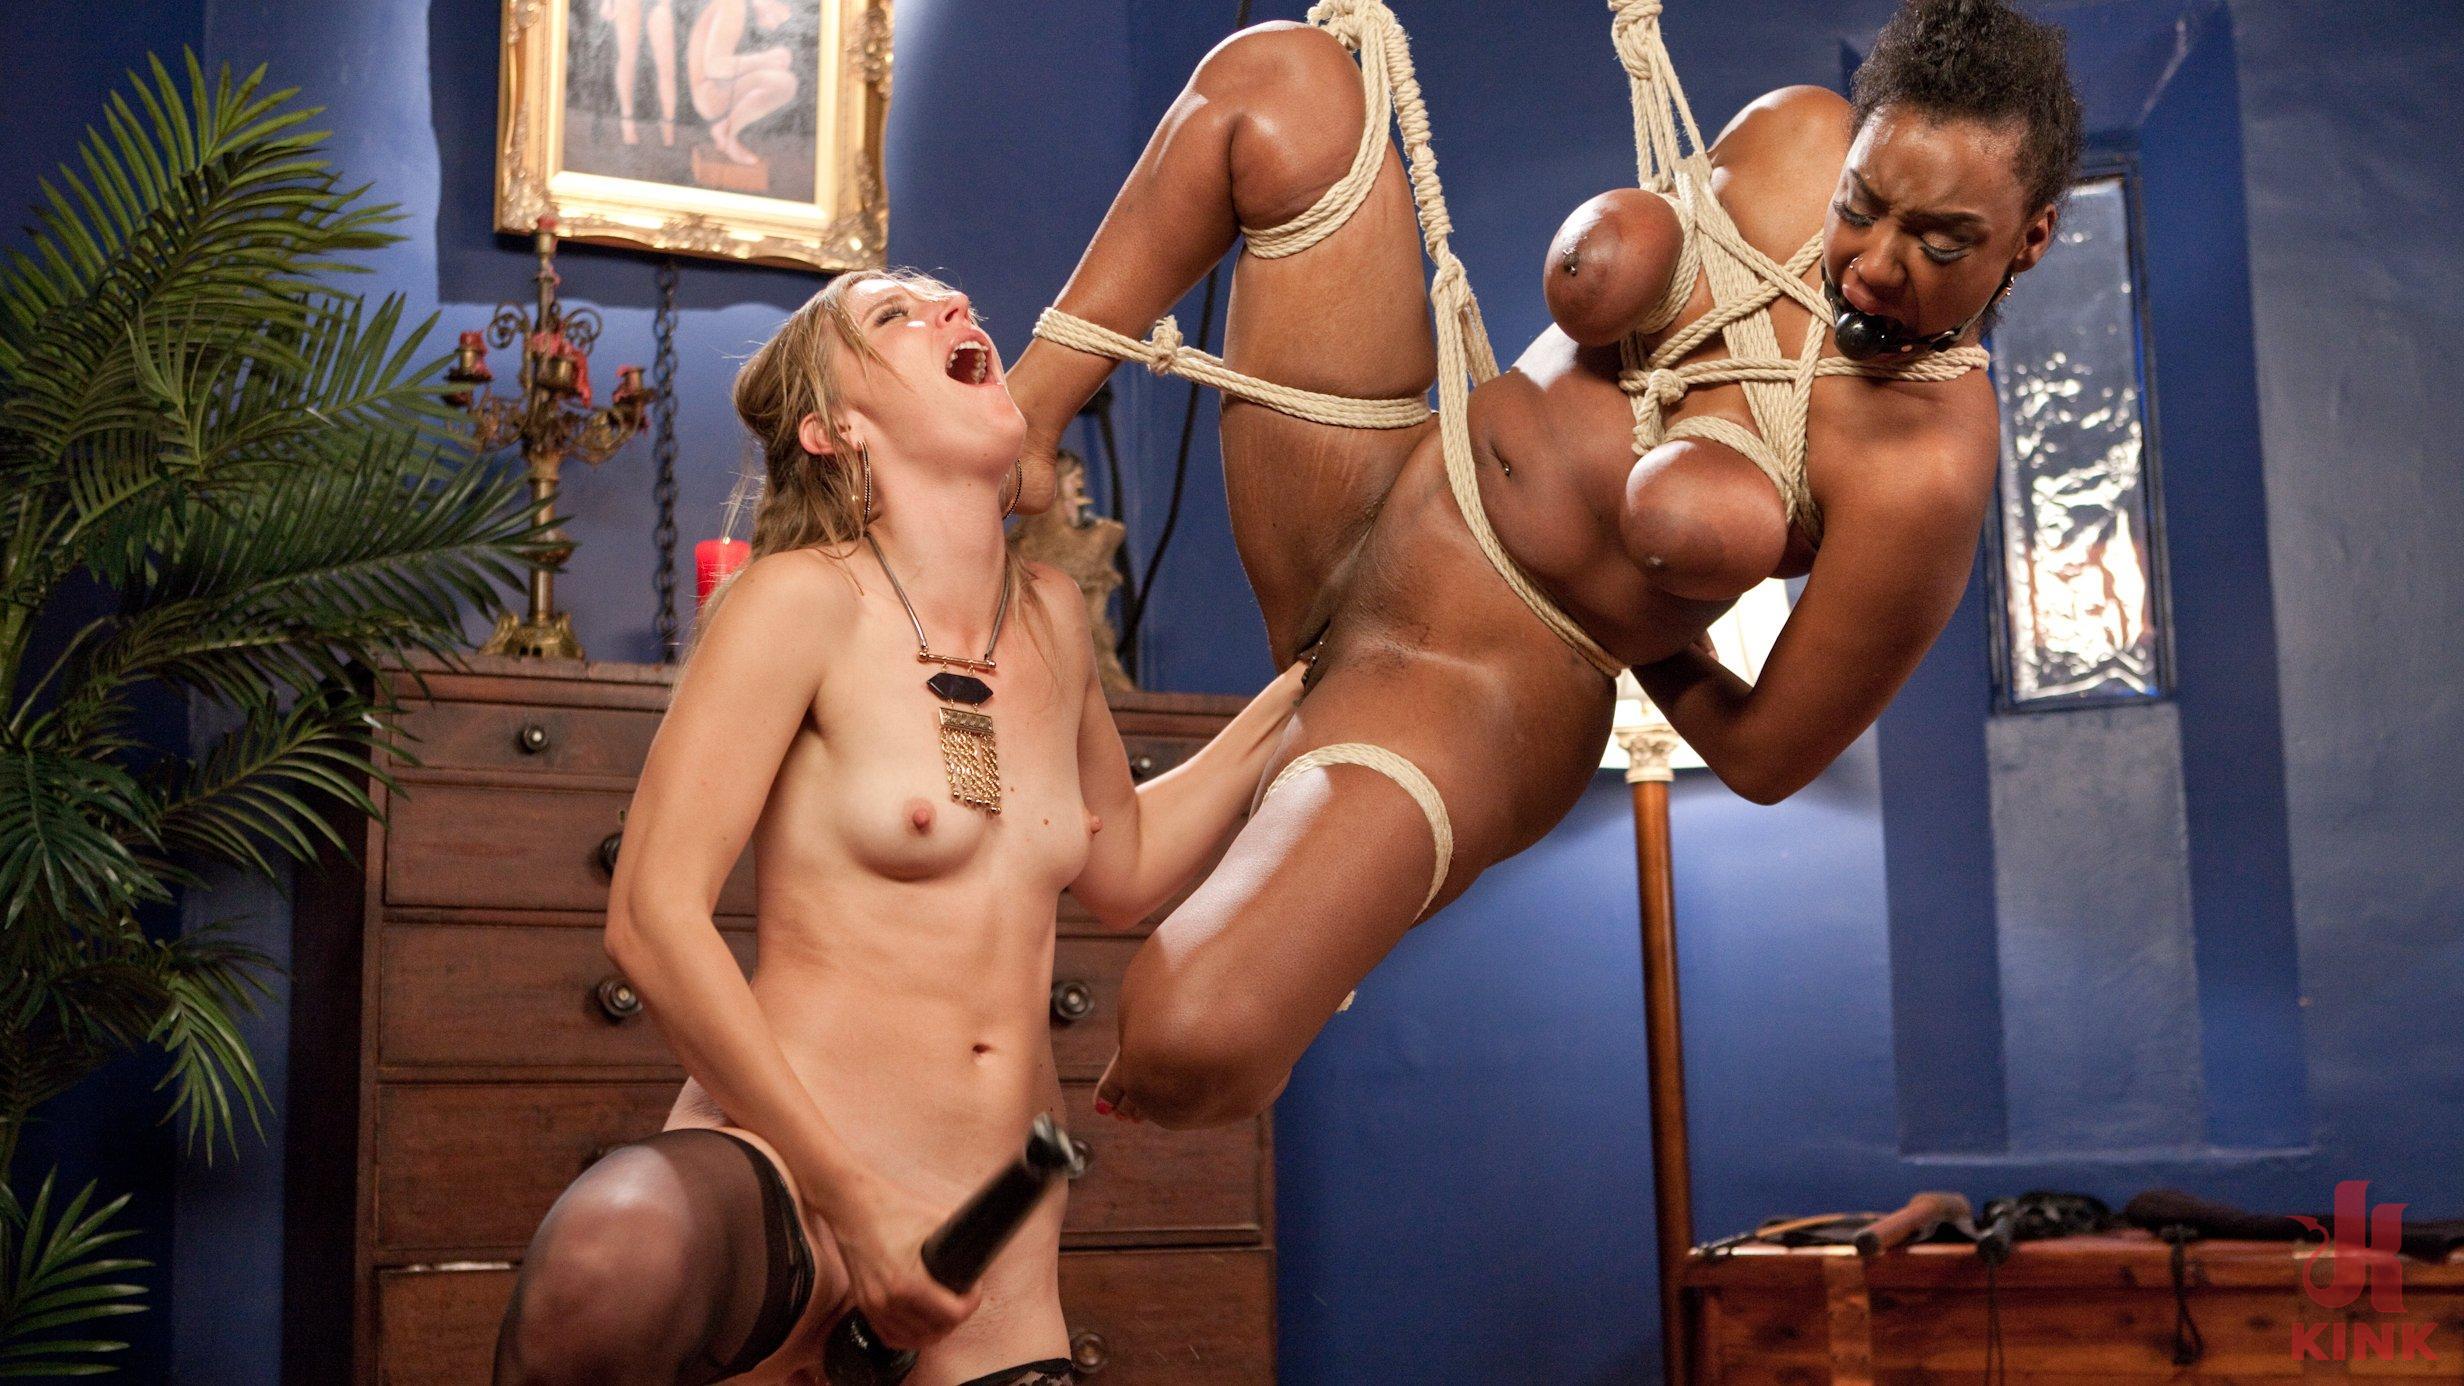 callgirl österreich kink bondage videos